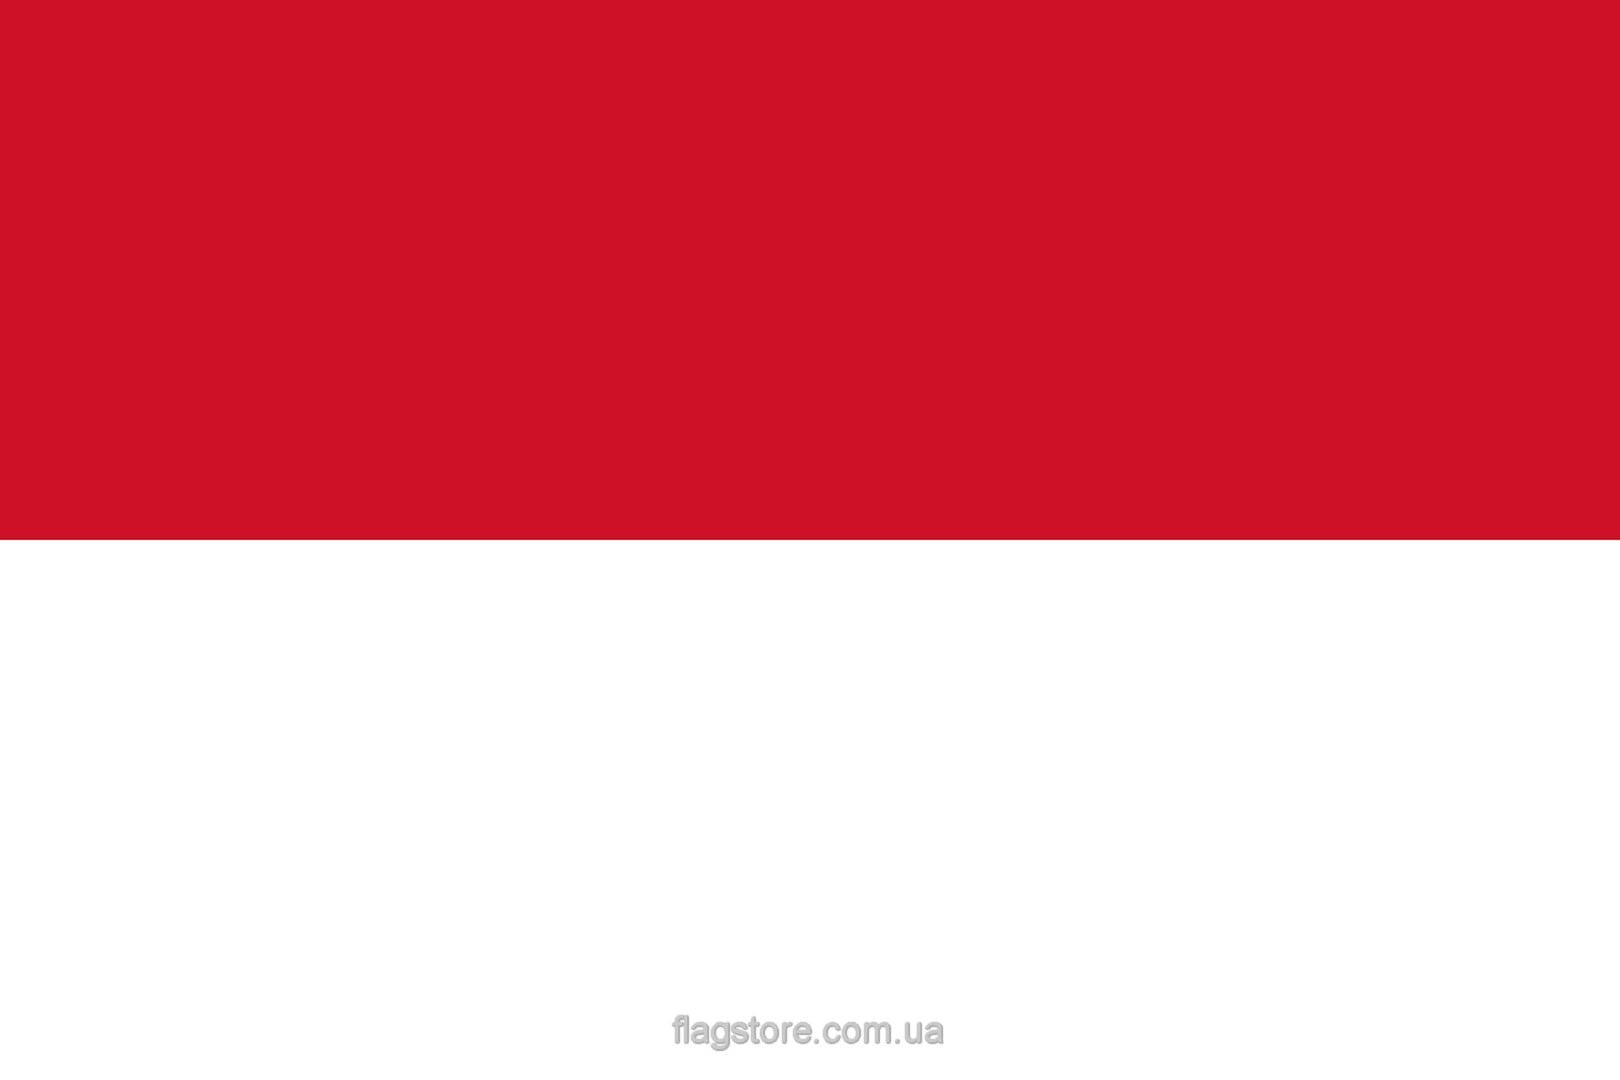 Купить флаг страны Монако